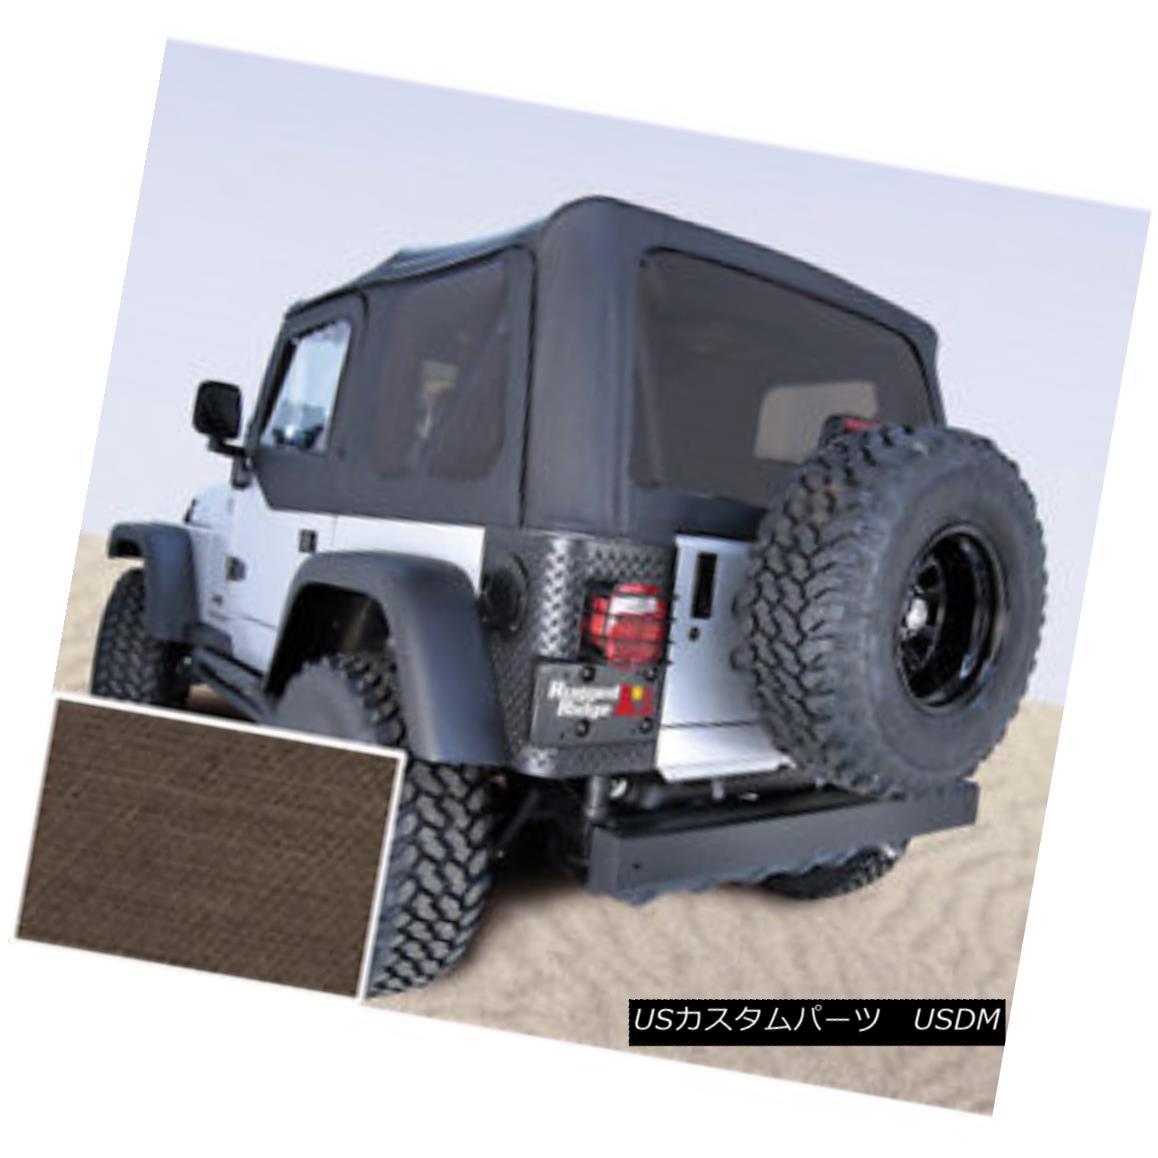 幌・ソフトトップ Rugged Ridge 13730.36 XHD Soft Top Khaki Tinted Window 97-06 Jeep Wrangler Rugged Ridge 13730.36 XHDソフトトップカーキティンテッドウィンドウ97-06ジープラングラー